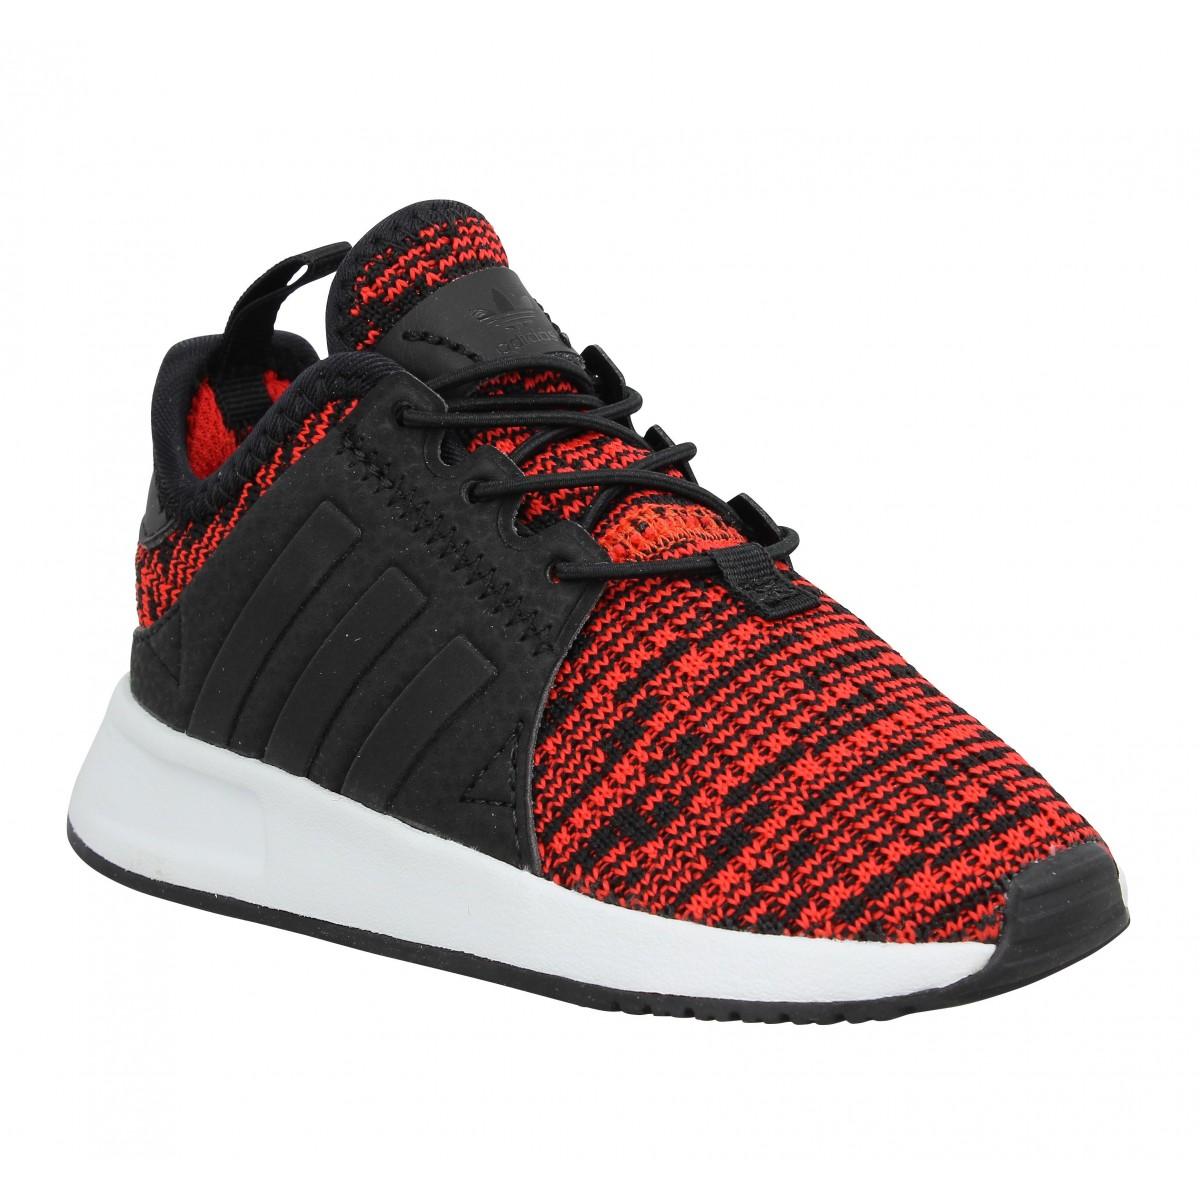 Adidas Enfant X Plr Toile -25-rouge